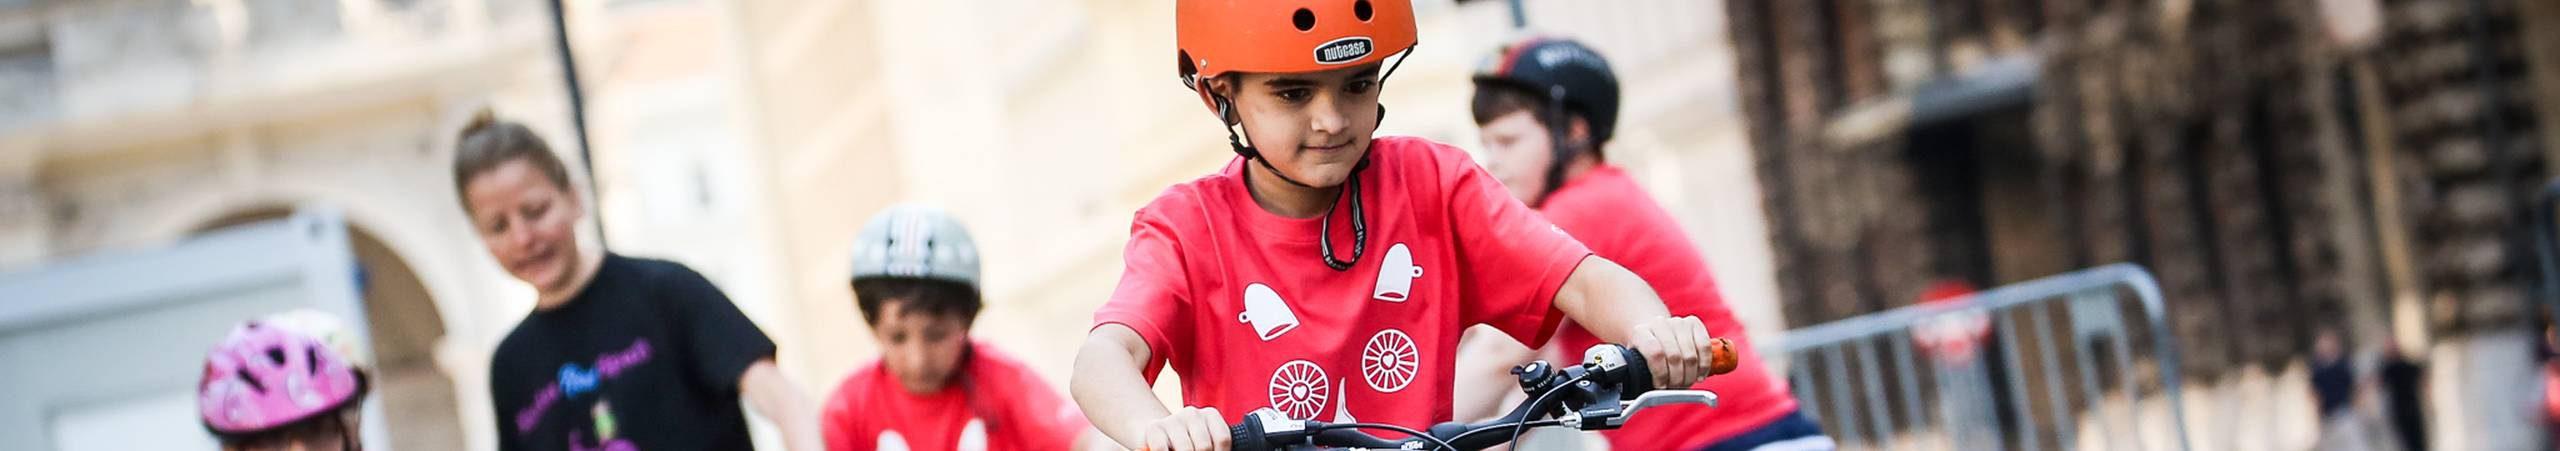 Kind bei einem KinderRadSpaß Kurs. Dabei lernen Kinder spielerisch das Radfahren bzw. das Verhalten im Straßenverkehr.